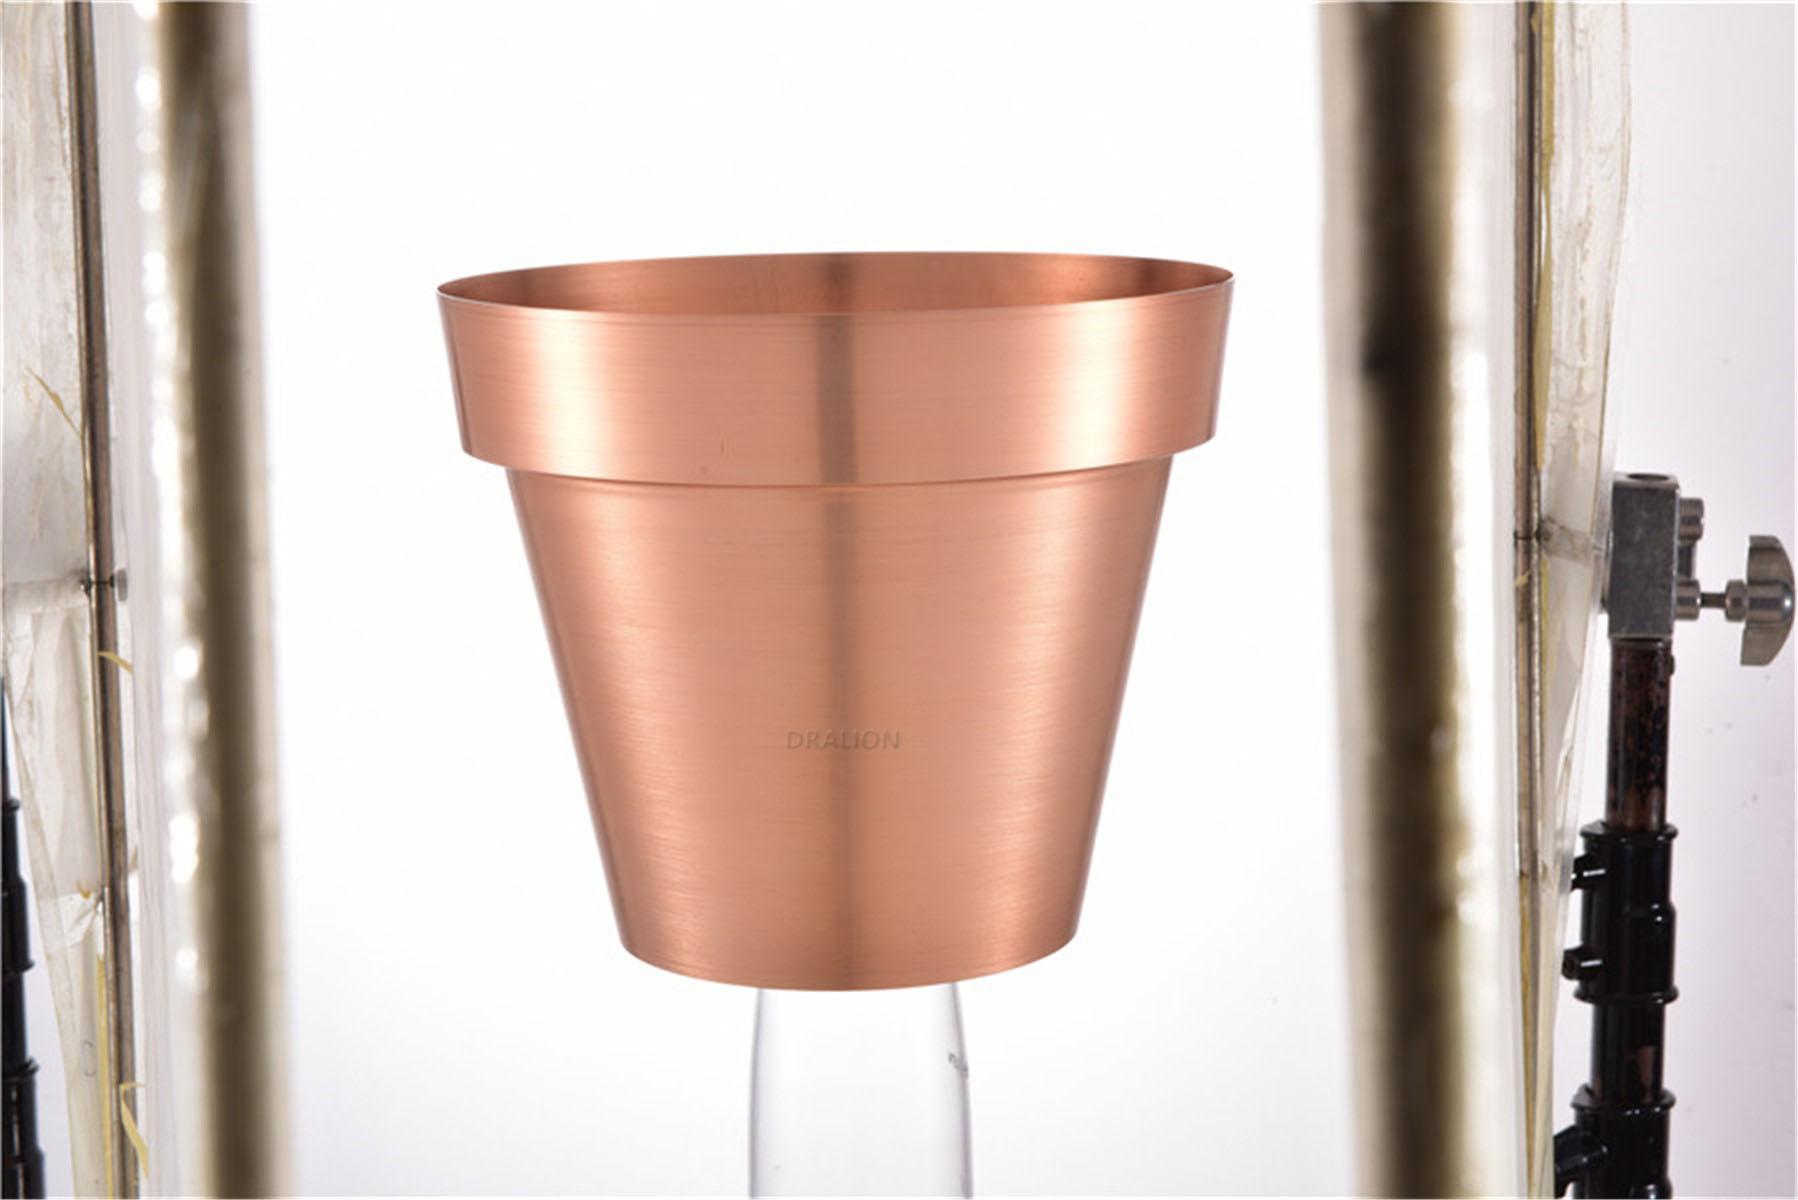 浙江武义华东实业有限公司|dralion花盆:花盆与空间的搭配